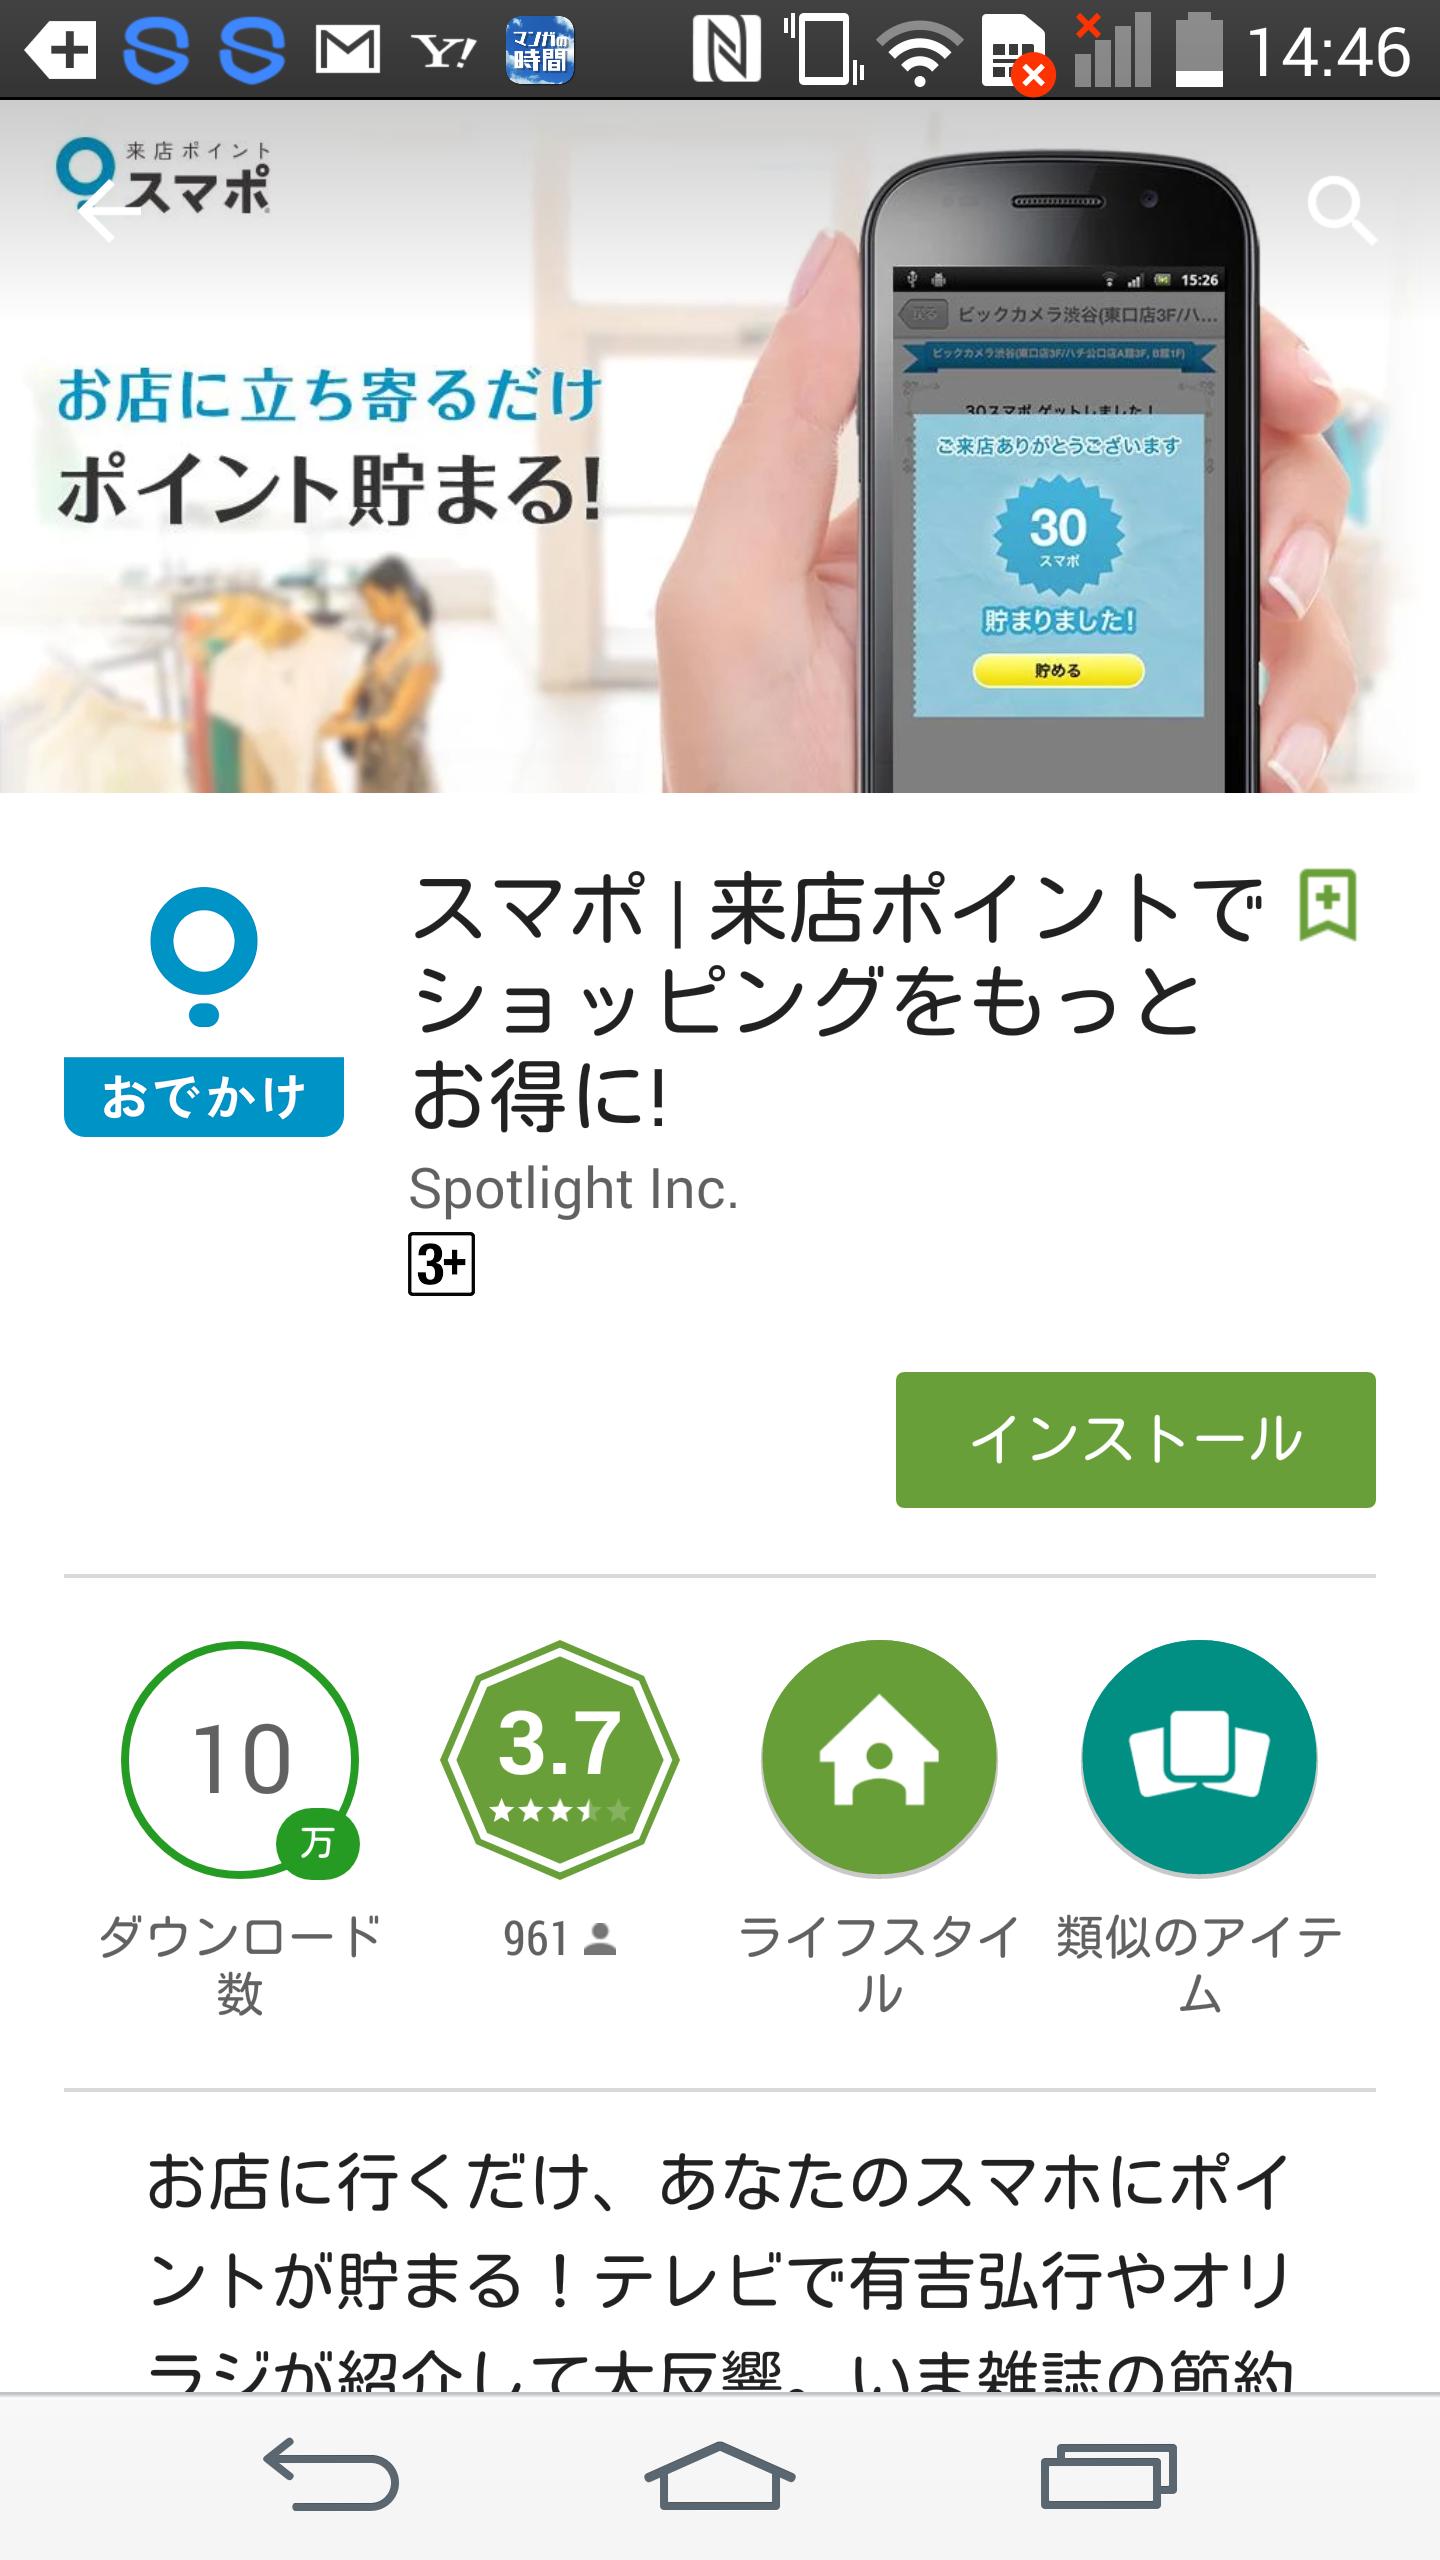 チェックインアプリ「スマポ」の招待コード【ZJER2878】入力方法